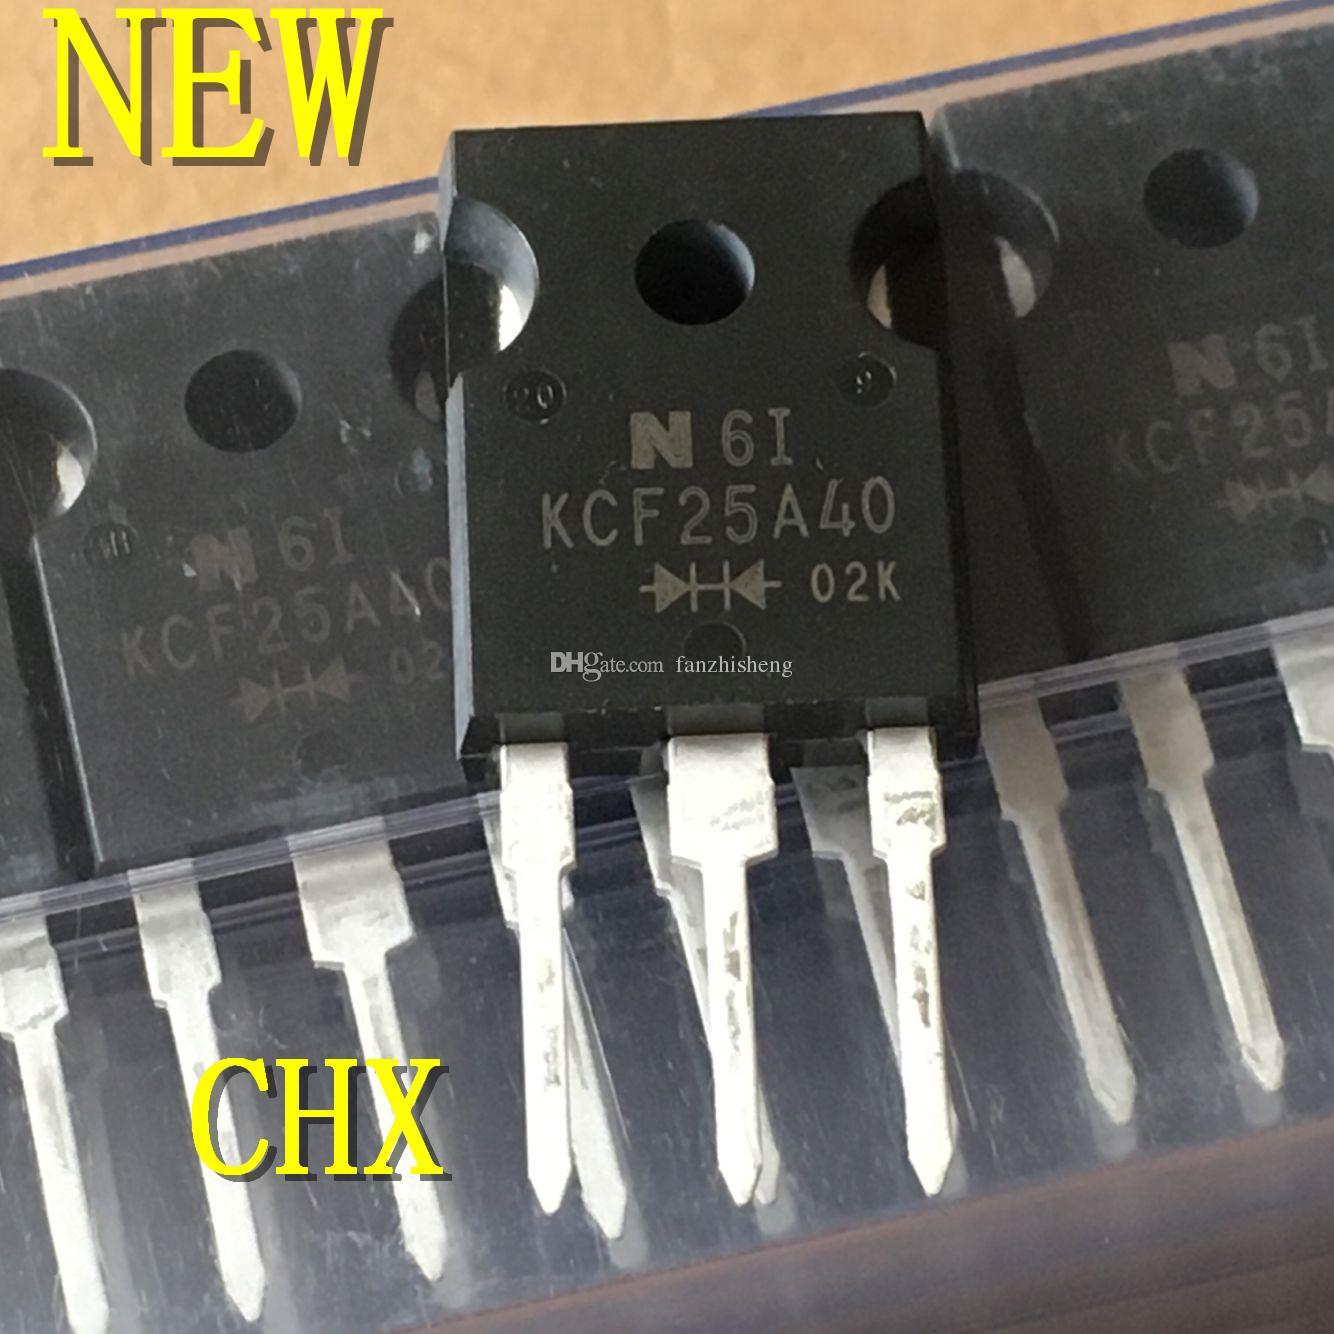 5 / PCS Neues Original TD62003P DIP-16 VN06 TO220 MRCVN06 OP275G OP275 APL5930 ALZ21B24 LM2575T-5.0 105N15N IPA105N15N KCF25A40 IC TO247